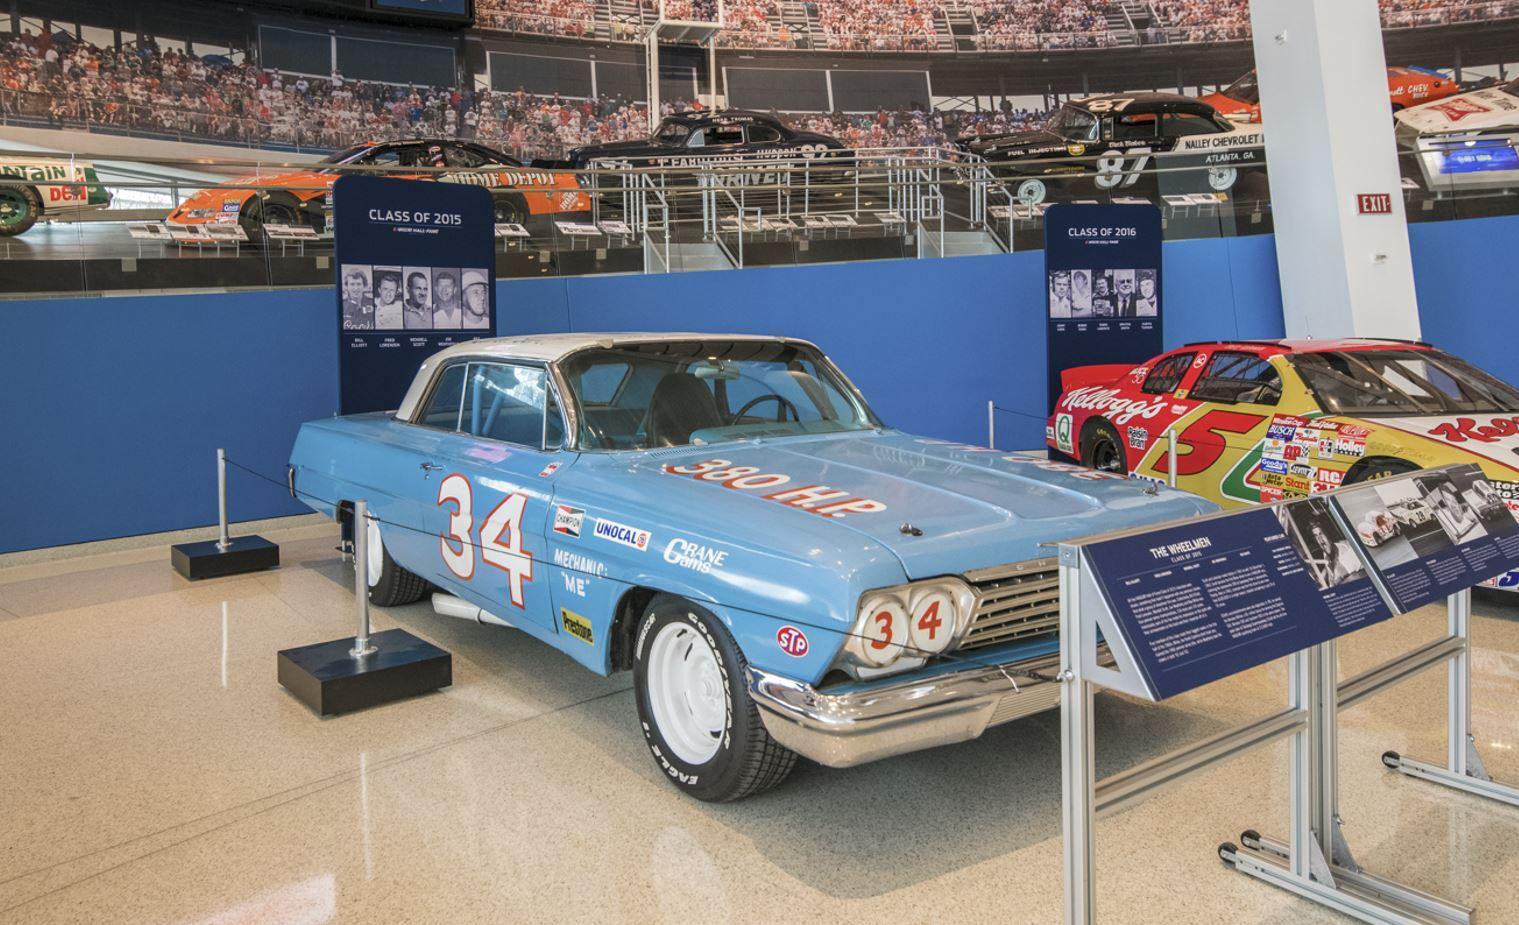 Wendell Scott's 1962 Chevrolet